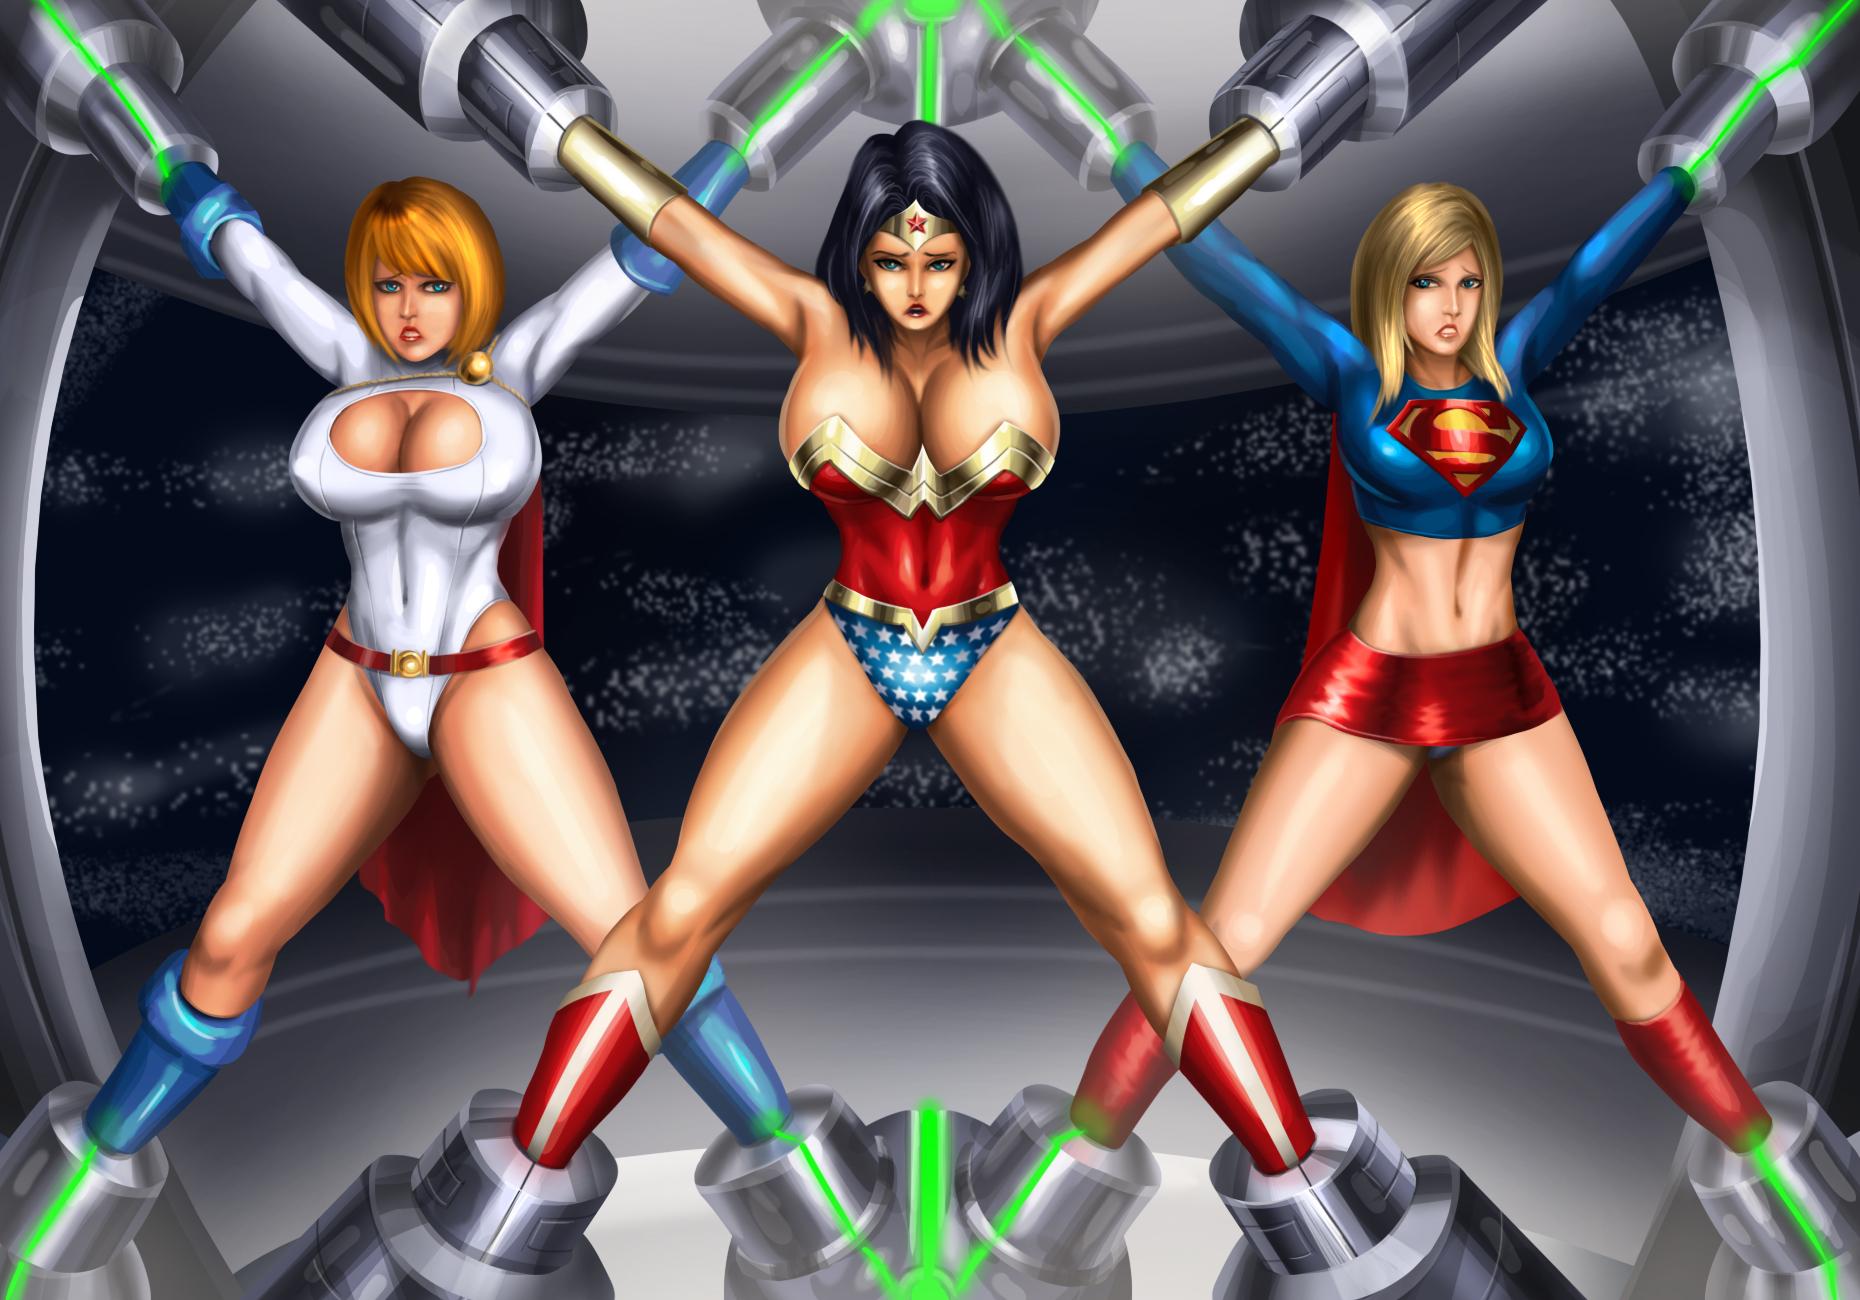 Female Superhero Hentai with regard to dc trifectasvoidist on deviantart